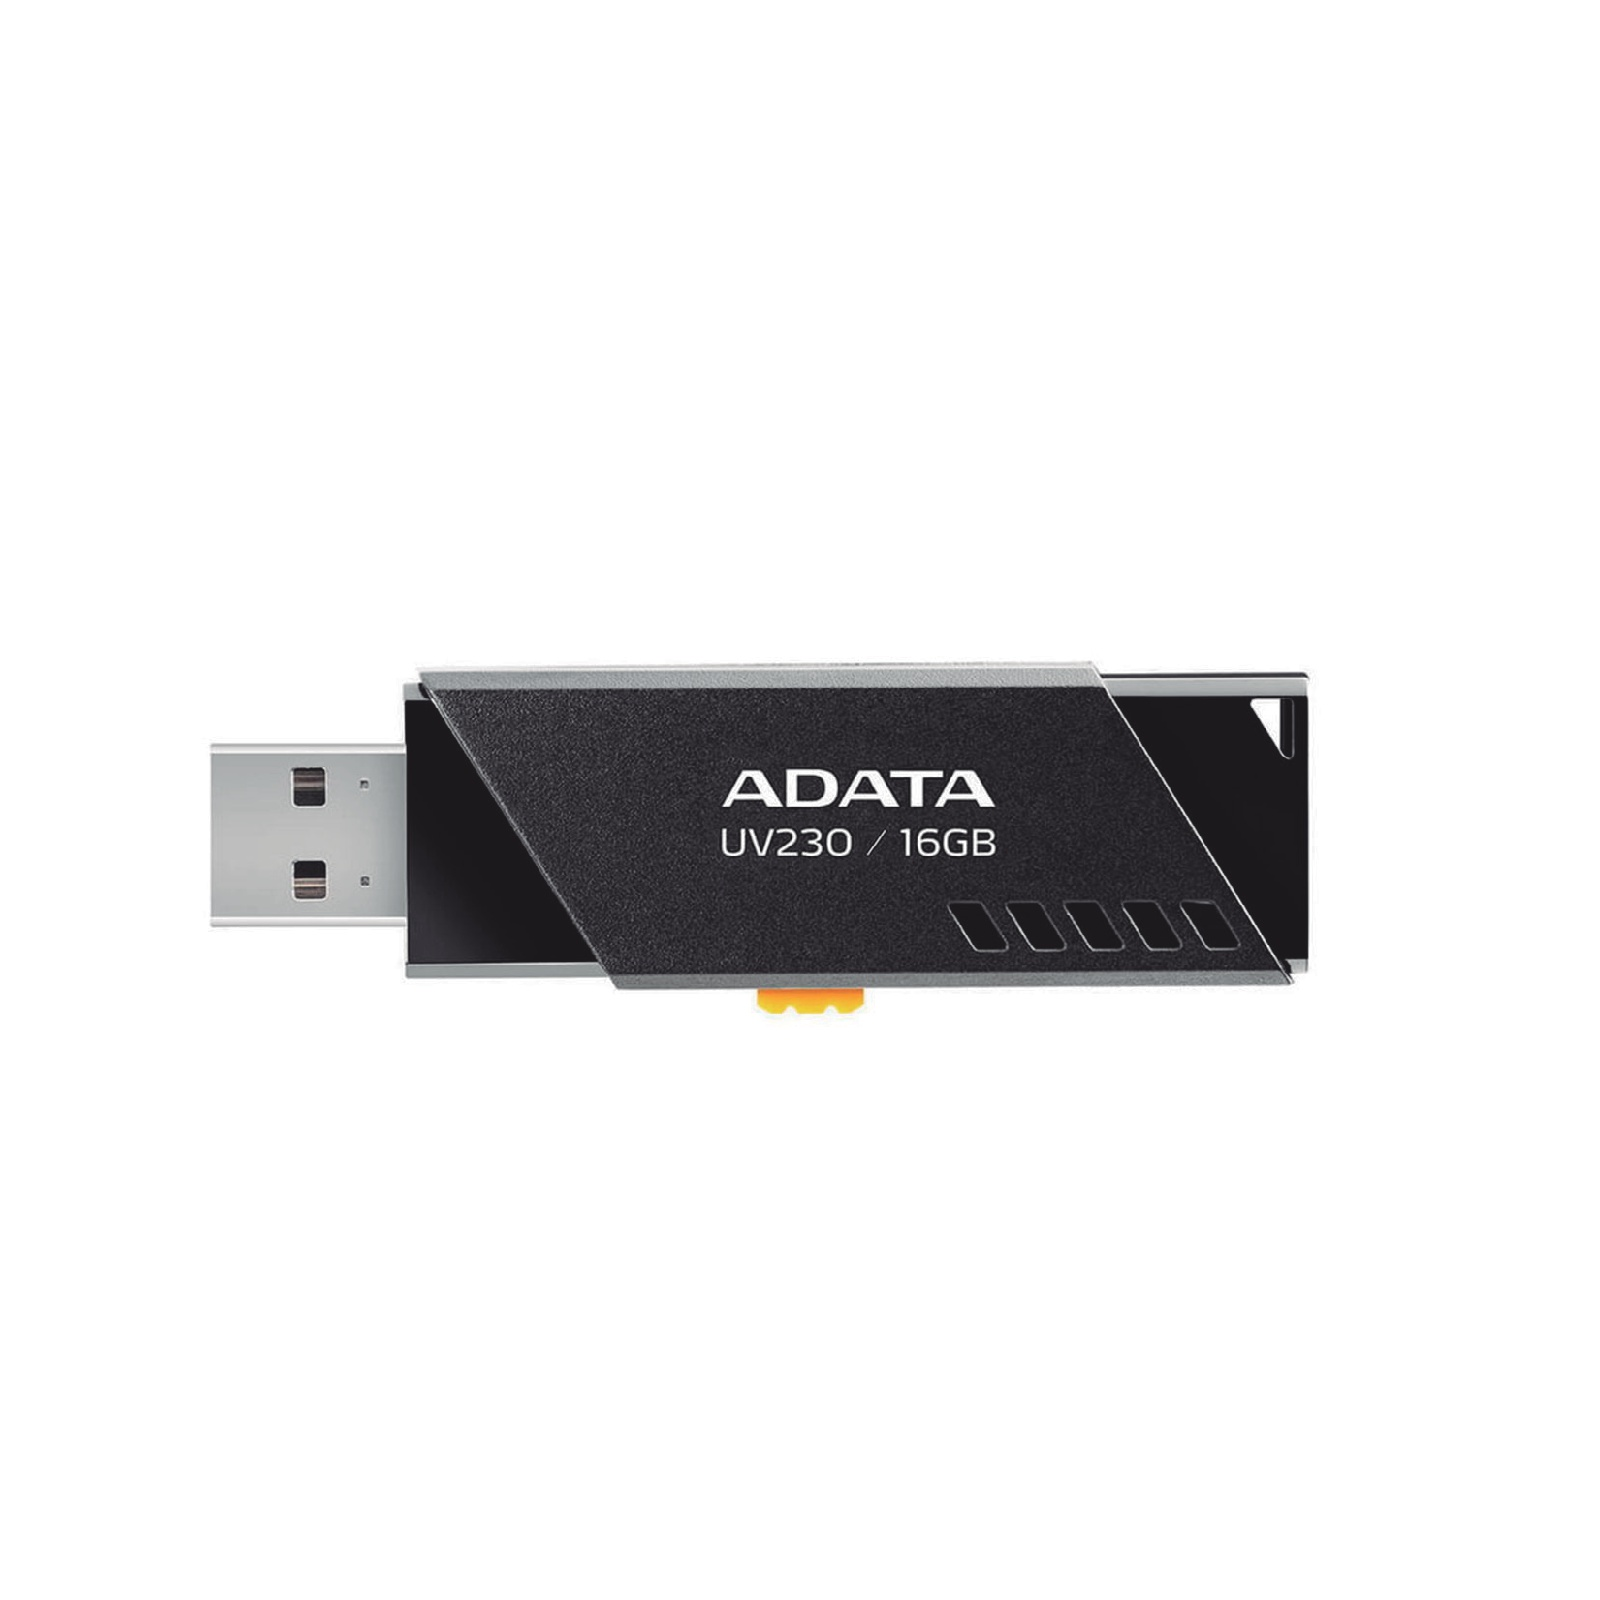 Memoria Usb 16GB UV230  -Adata-